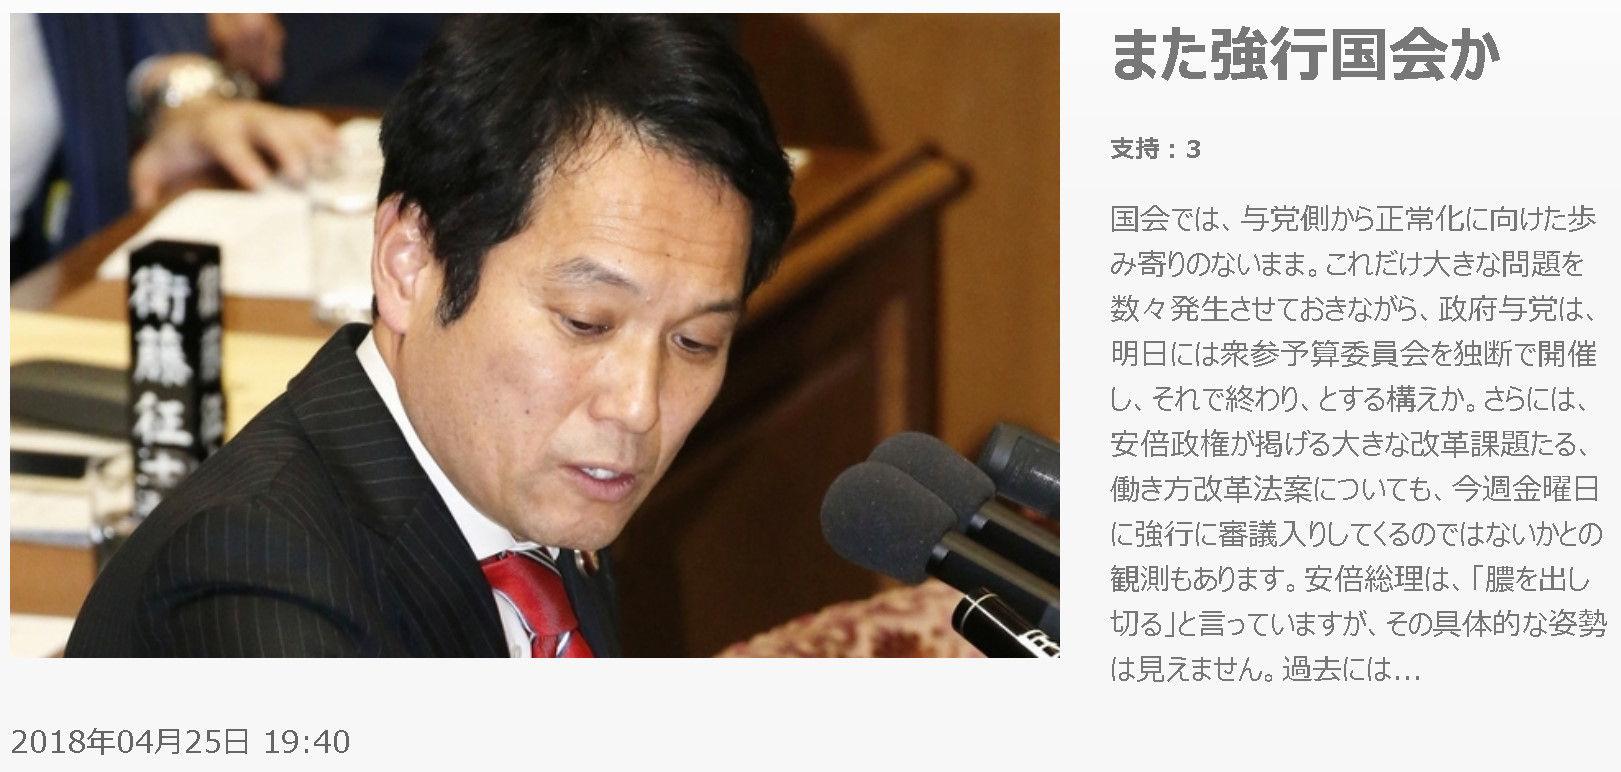 http://livedoor.blogimg.jp/gensen_2ch/imgs/3/6/361a0c91.jpg